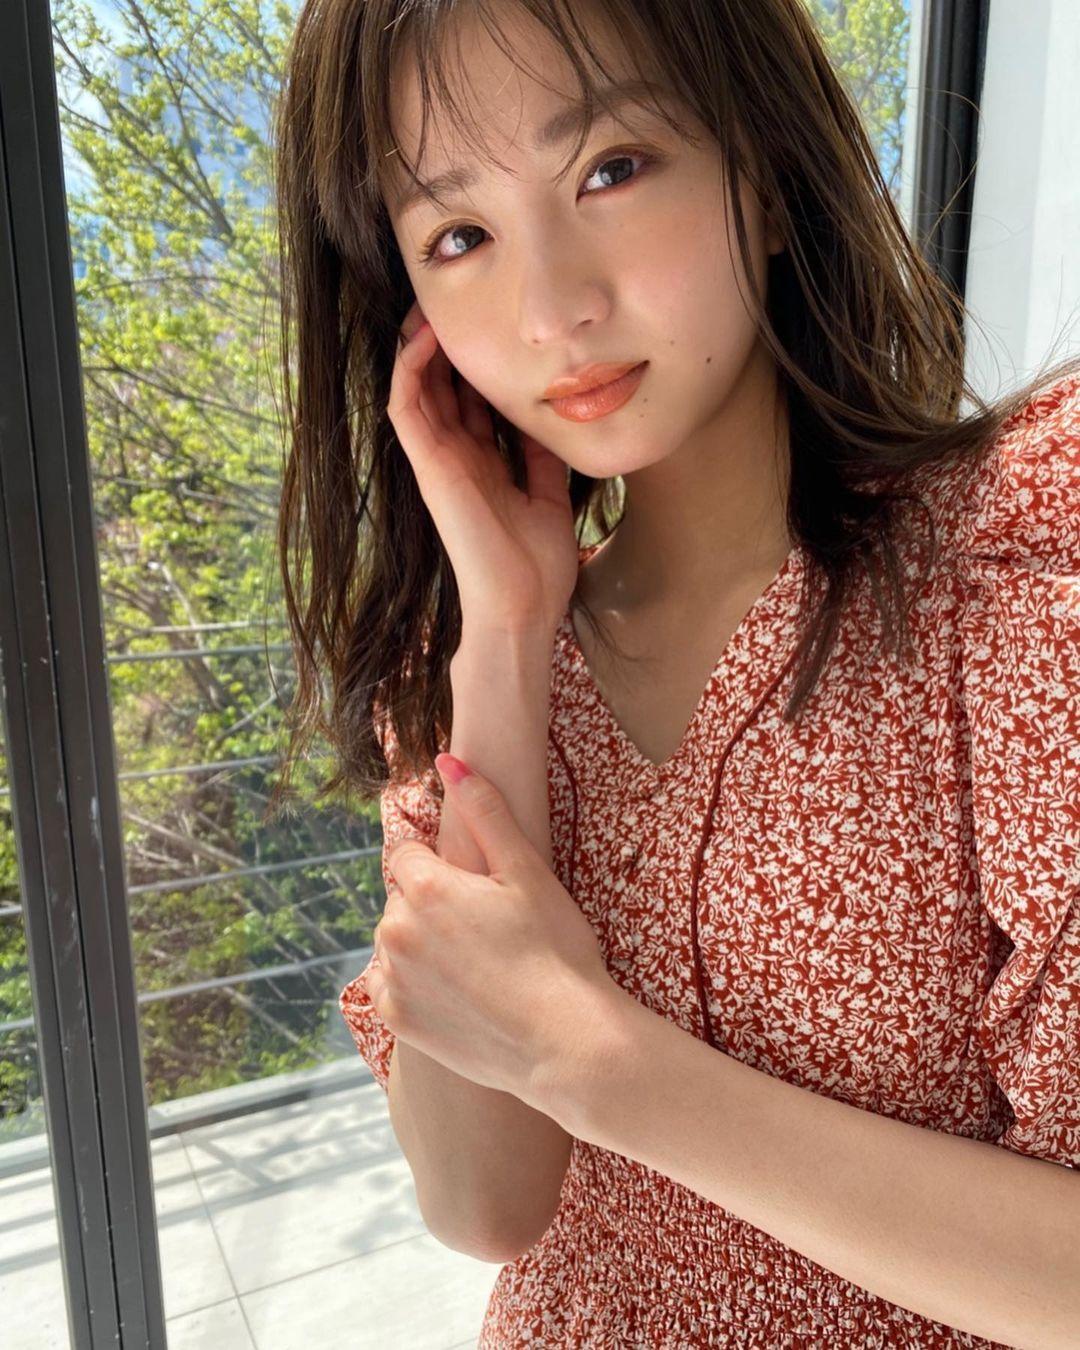 日系时尚杂志模特冈崎纱绘清甜笑容亲和力十足完全就是女友理想型 网络美女 第7张